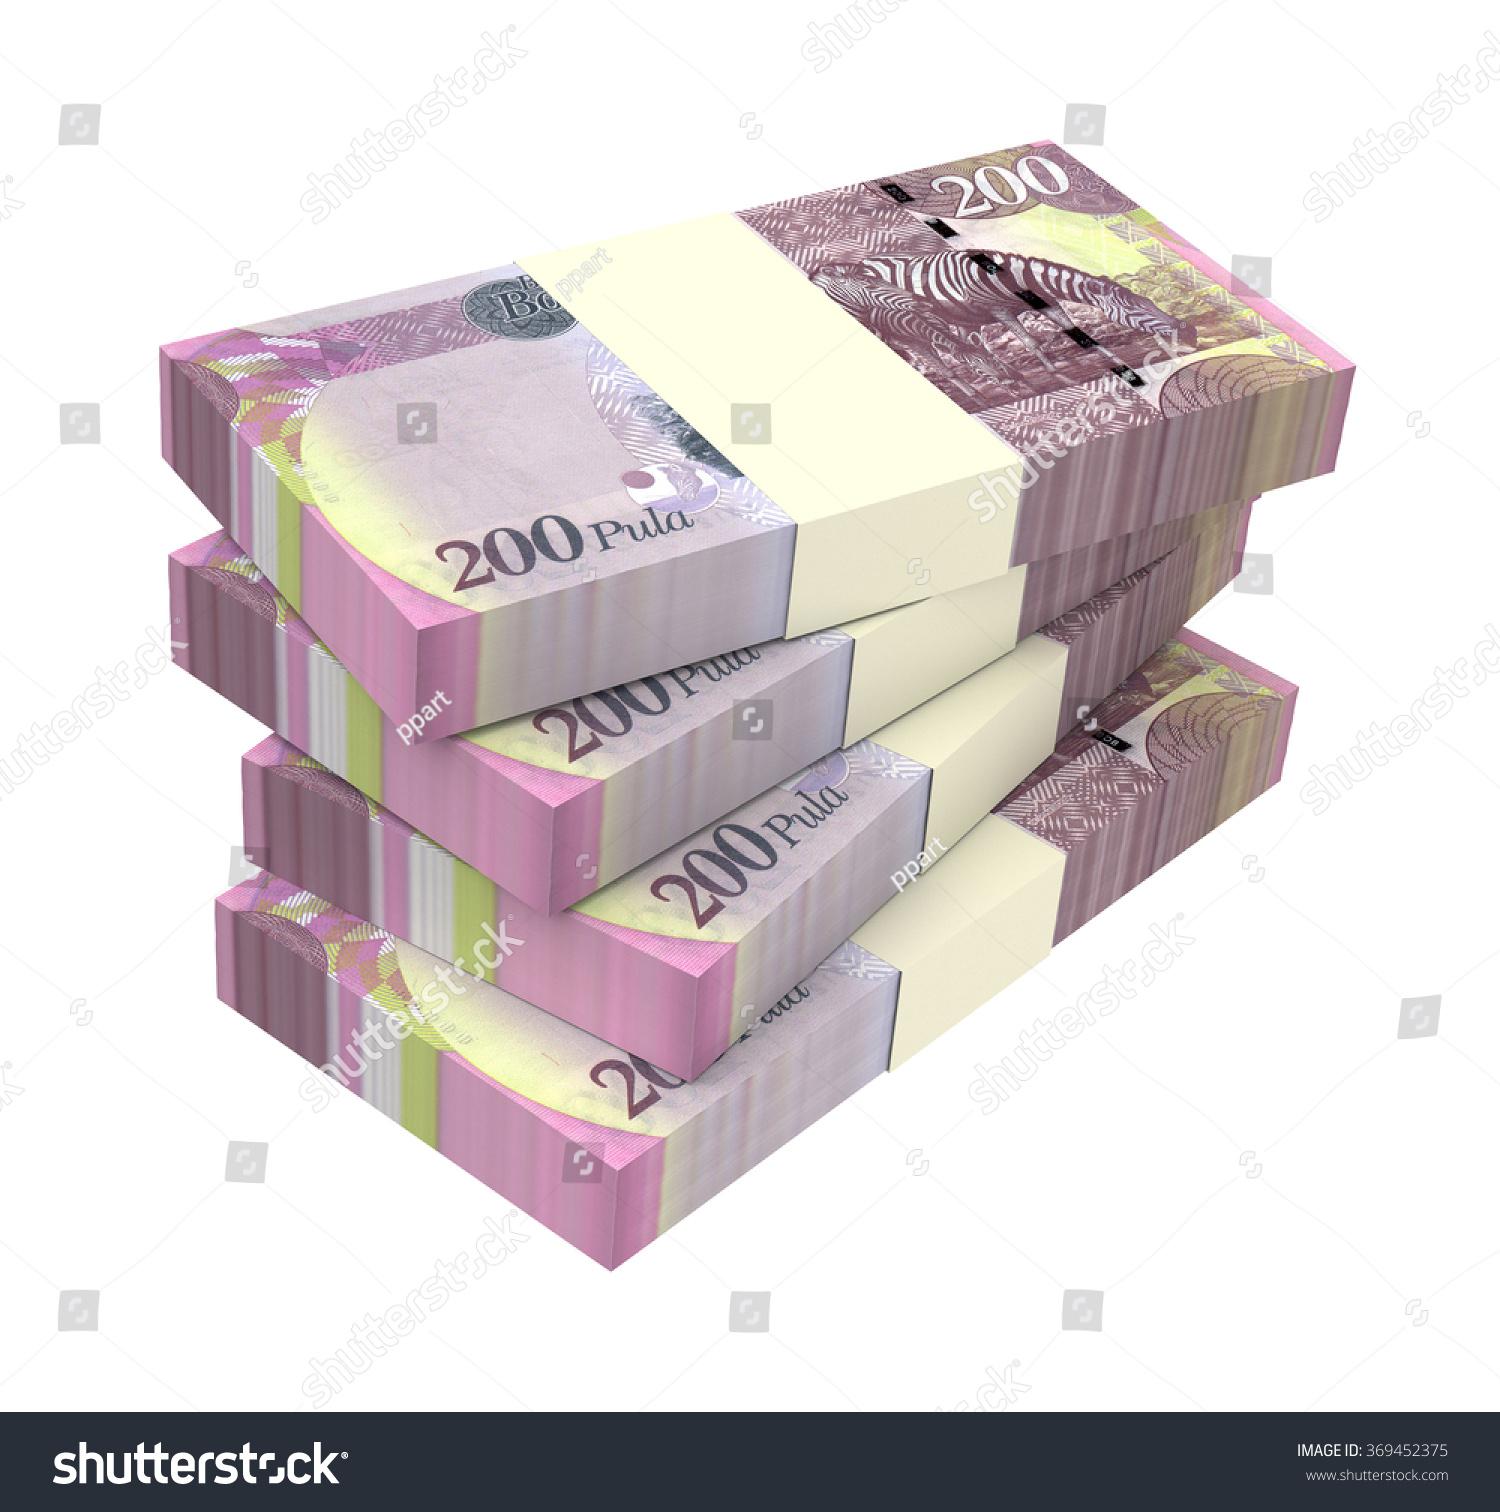 Botswana Pula Bills Isolated On White Stock Illustration 369452375